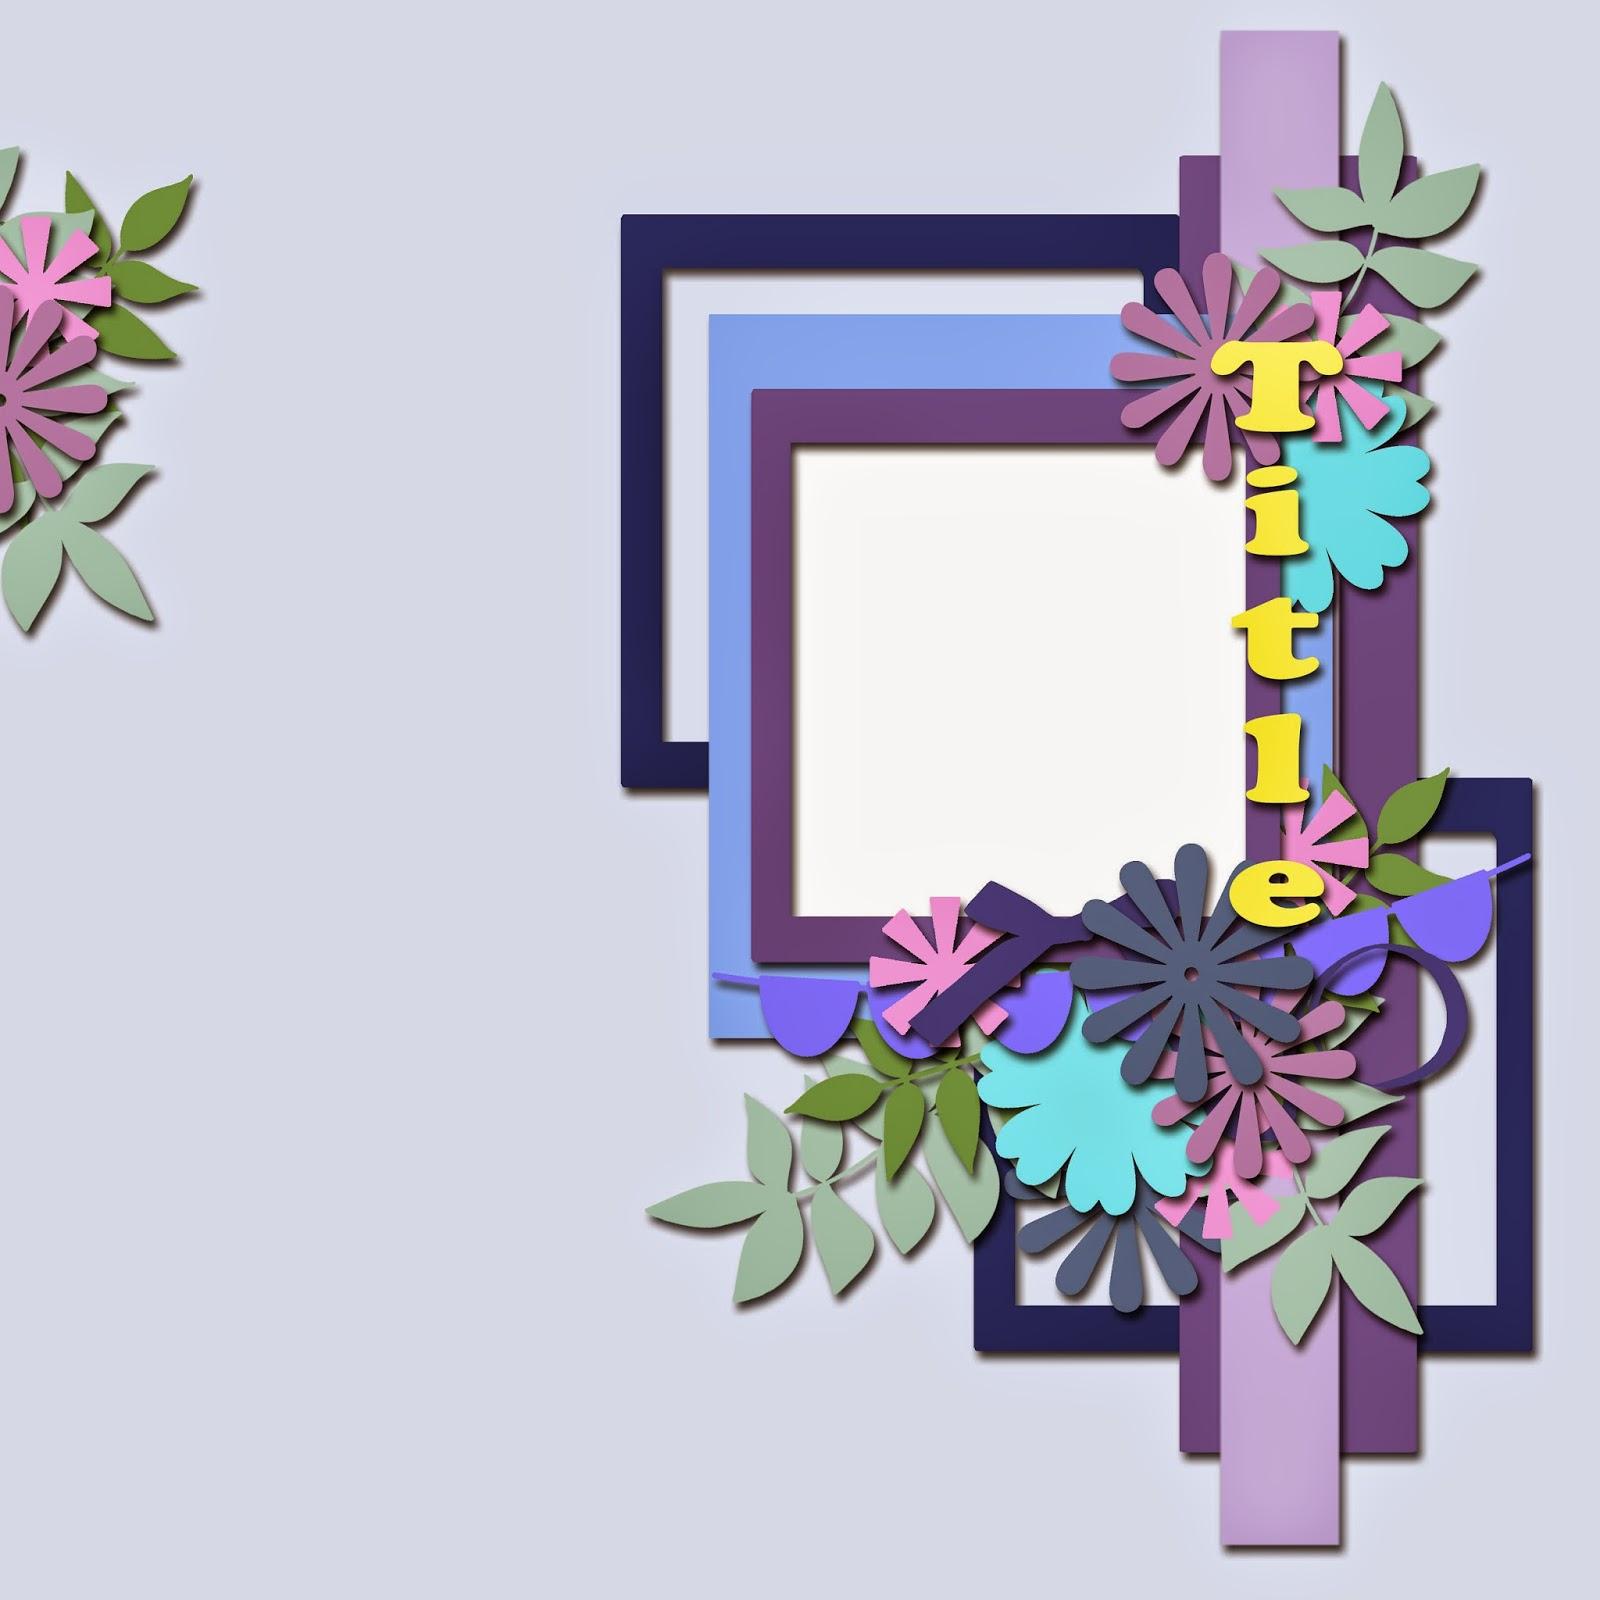 http://3.bp.blogspot.com/-BNOJp2CZs8o/VHFtcmjnCVI/AAAAAAAAA-I/_y1sRWZLOHA/s1600/OklahomaDawn11_23_14_edited-1.jpg